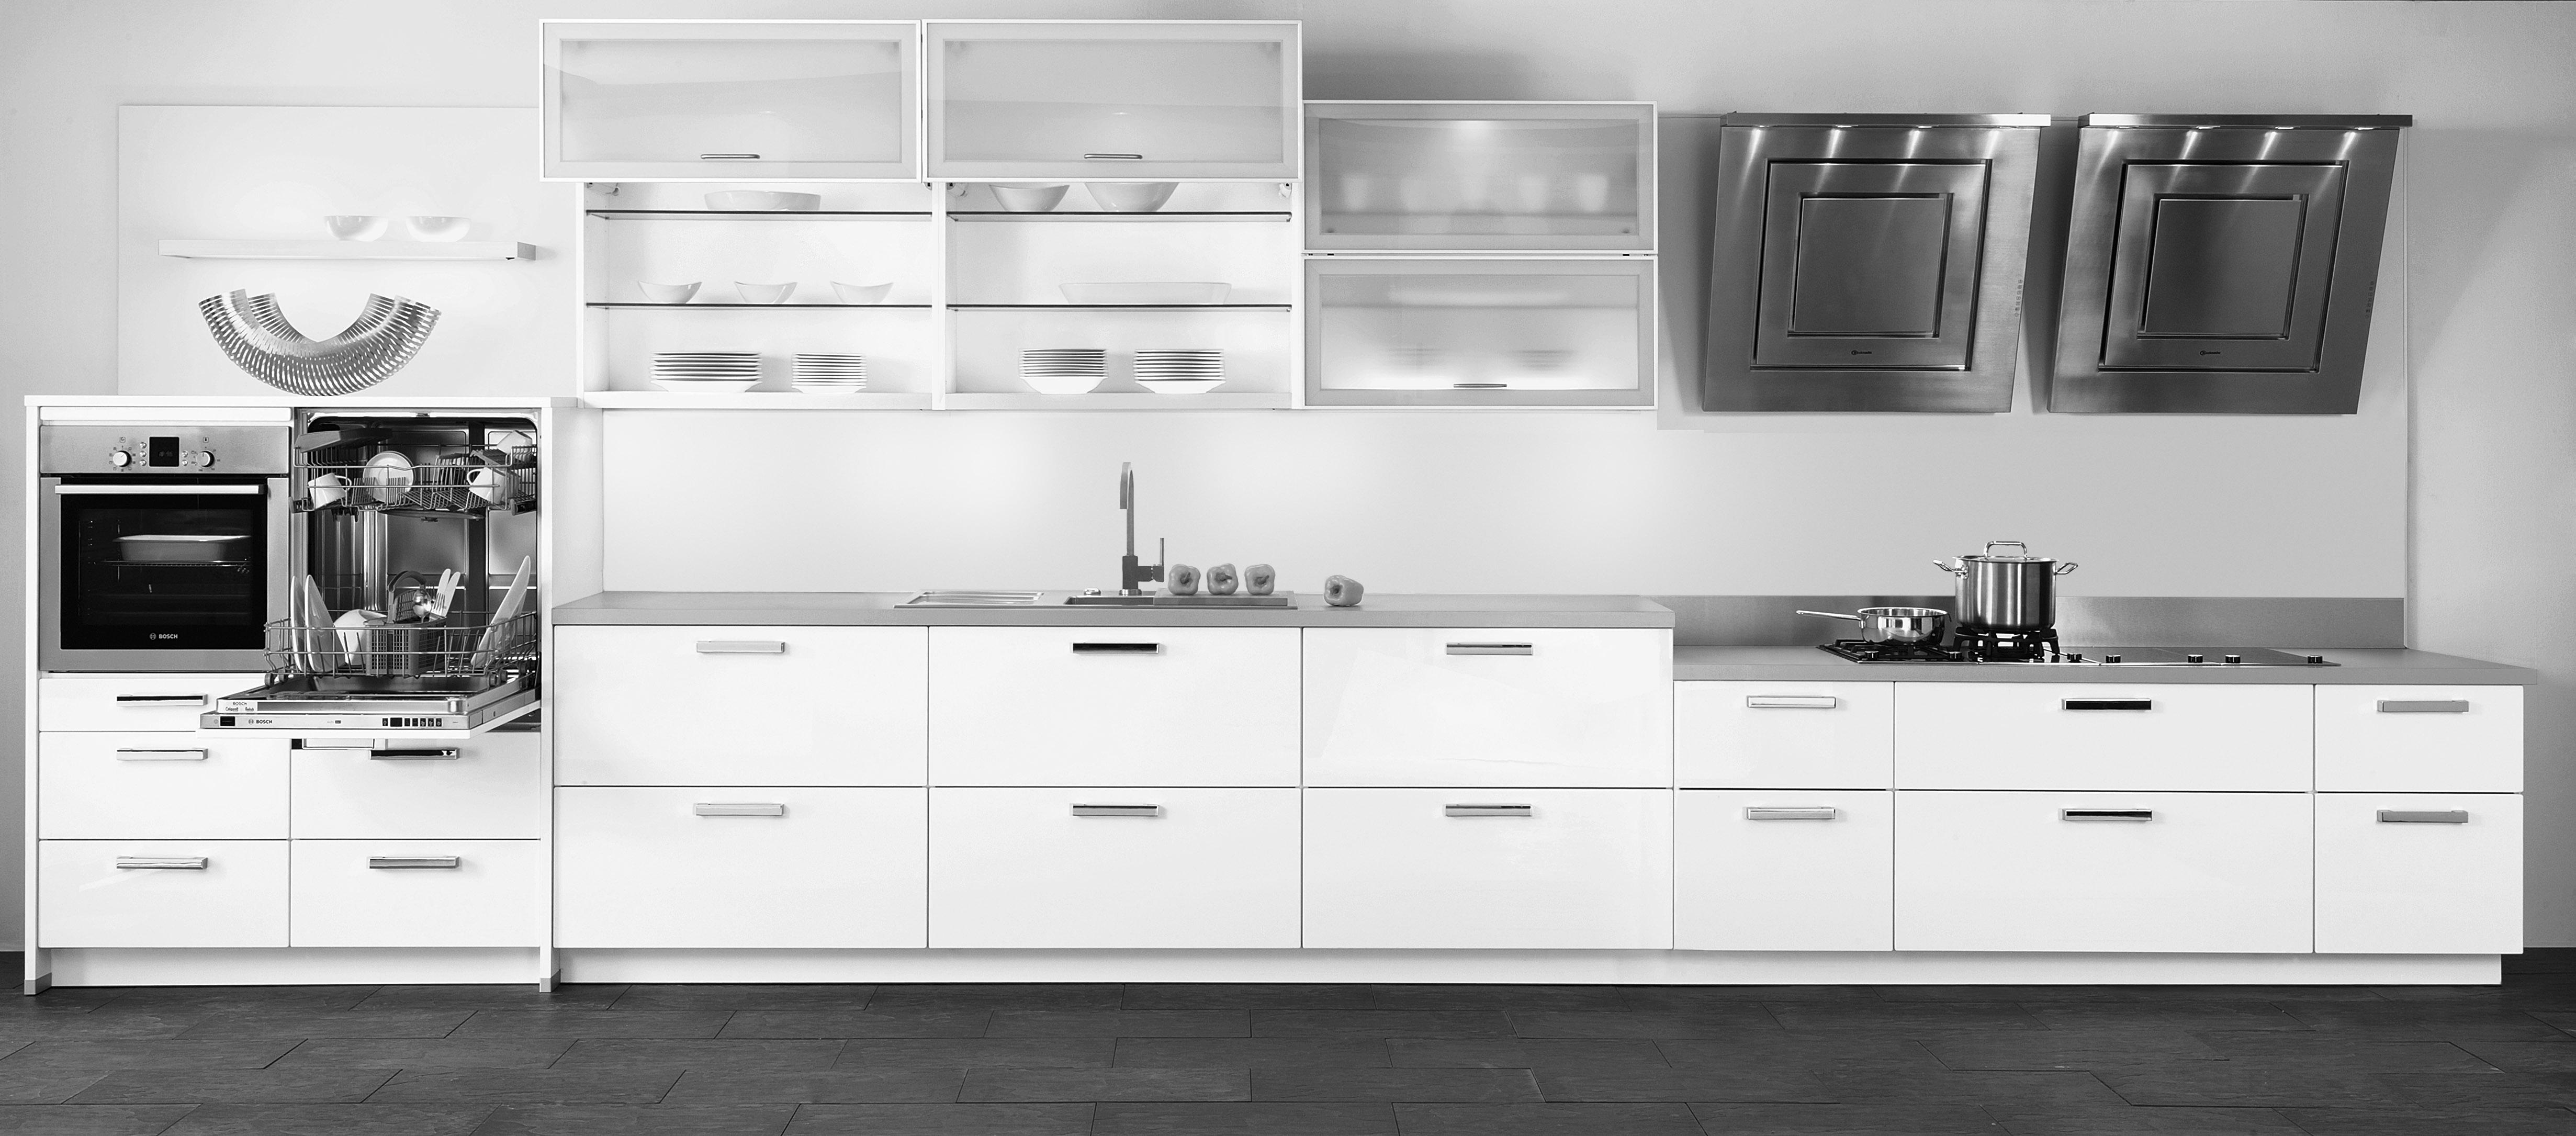 Top Küchenschrank: Die richtigen Küchenmöbel finden SY59